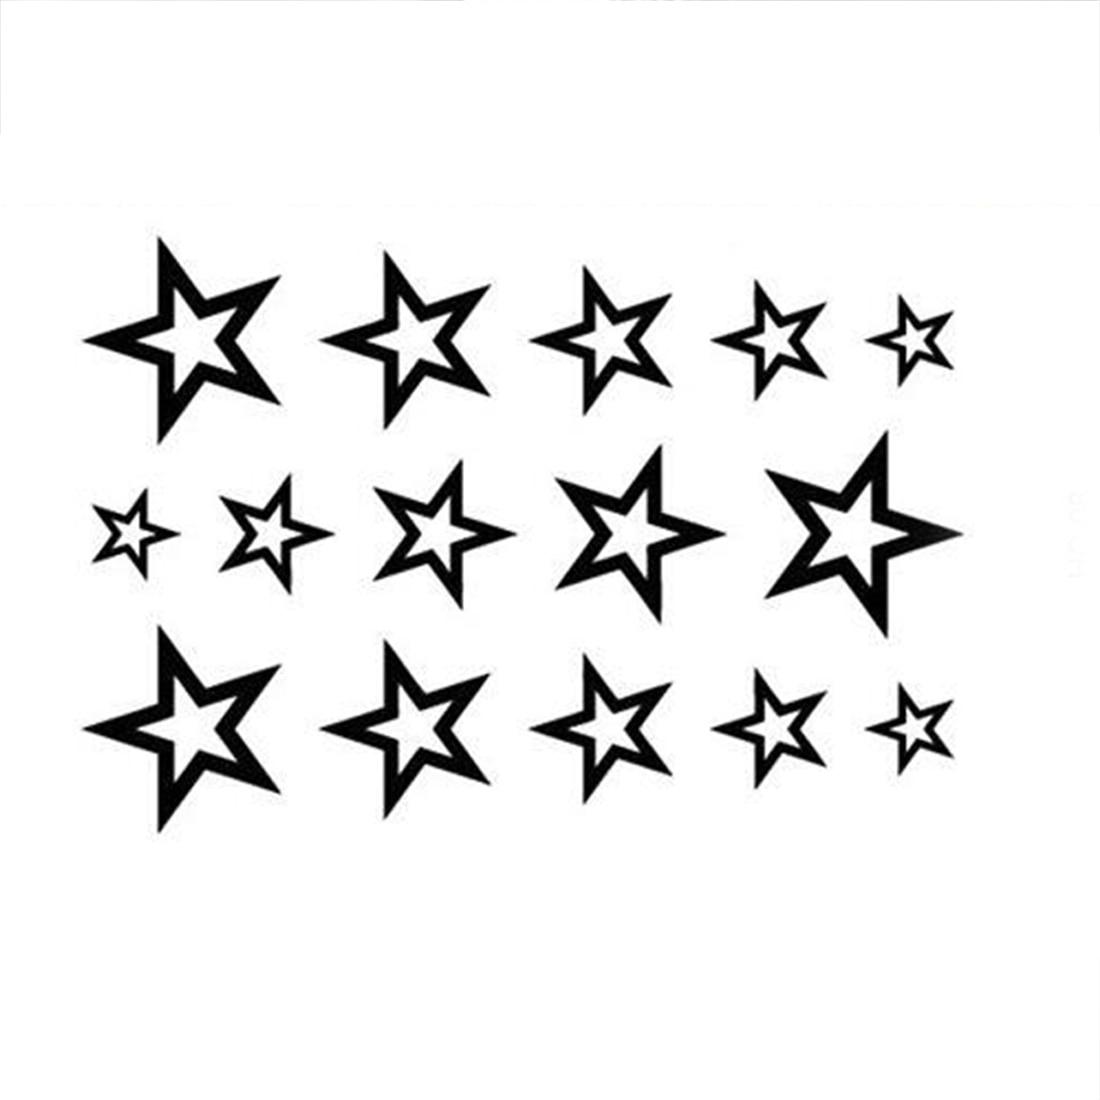 Waterproof Temporary Tattoo Sticker Stars Tattoo Water Transfer Fake Tattoo Flash Tattoo For Men Girl